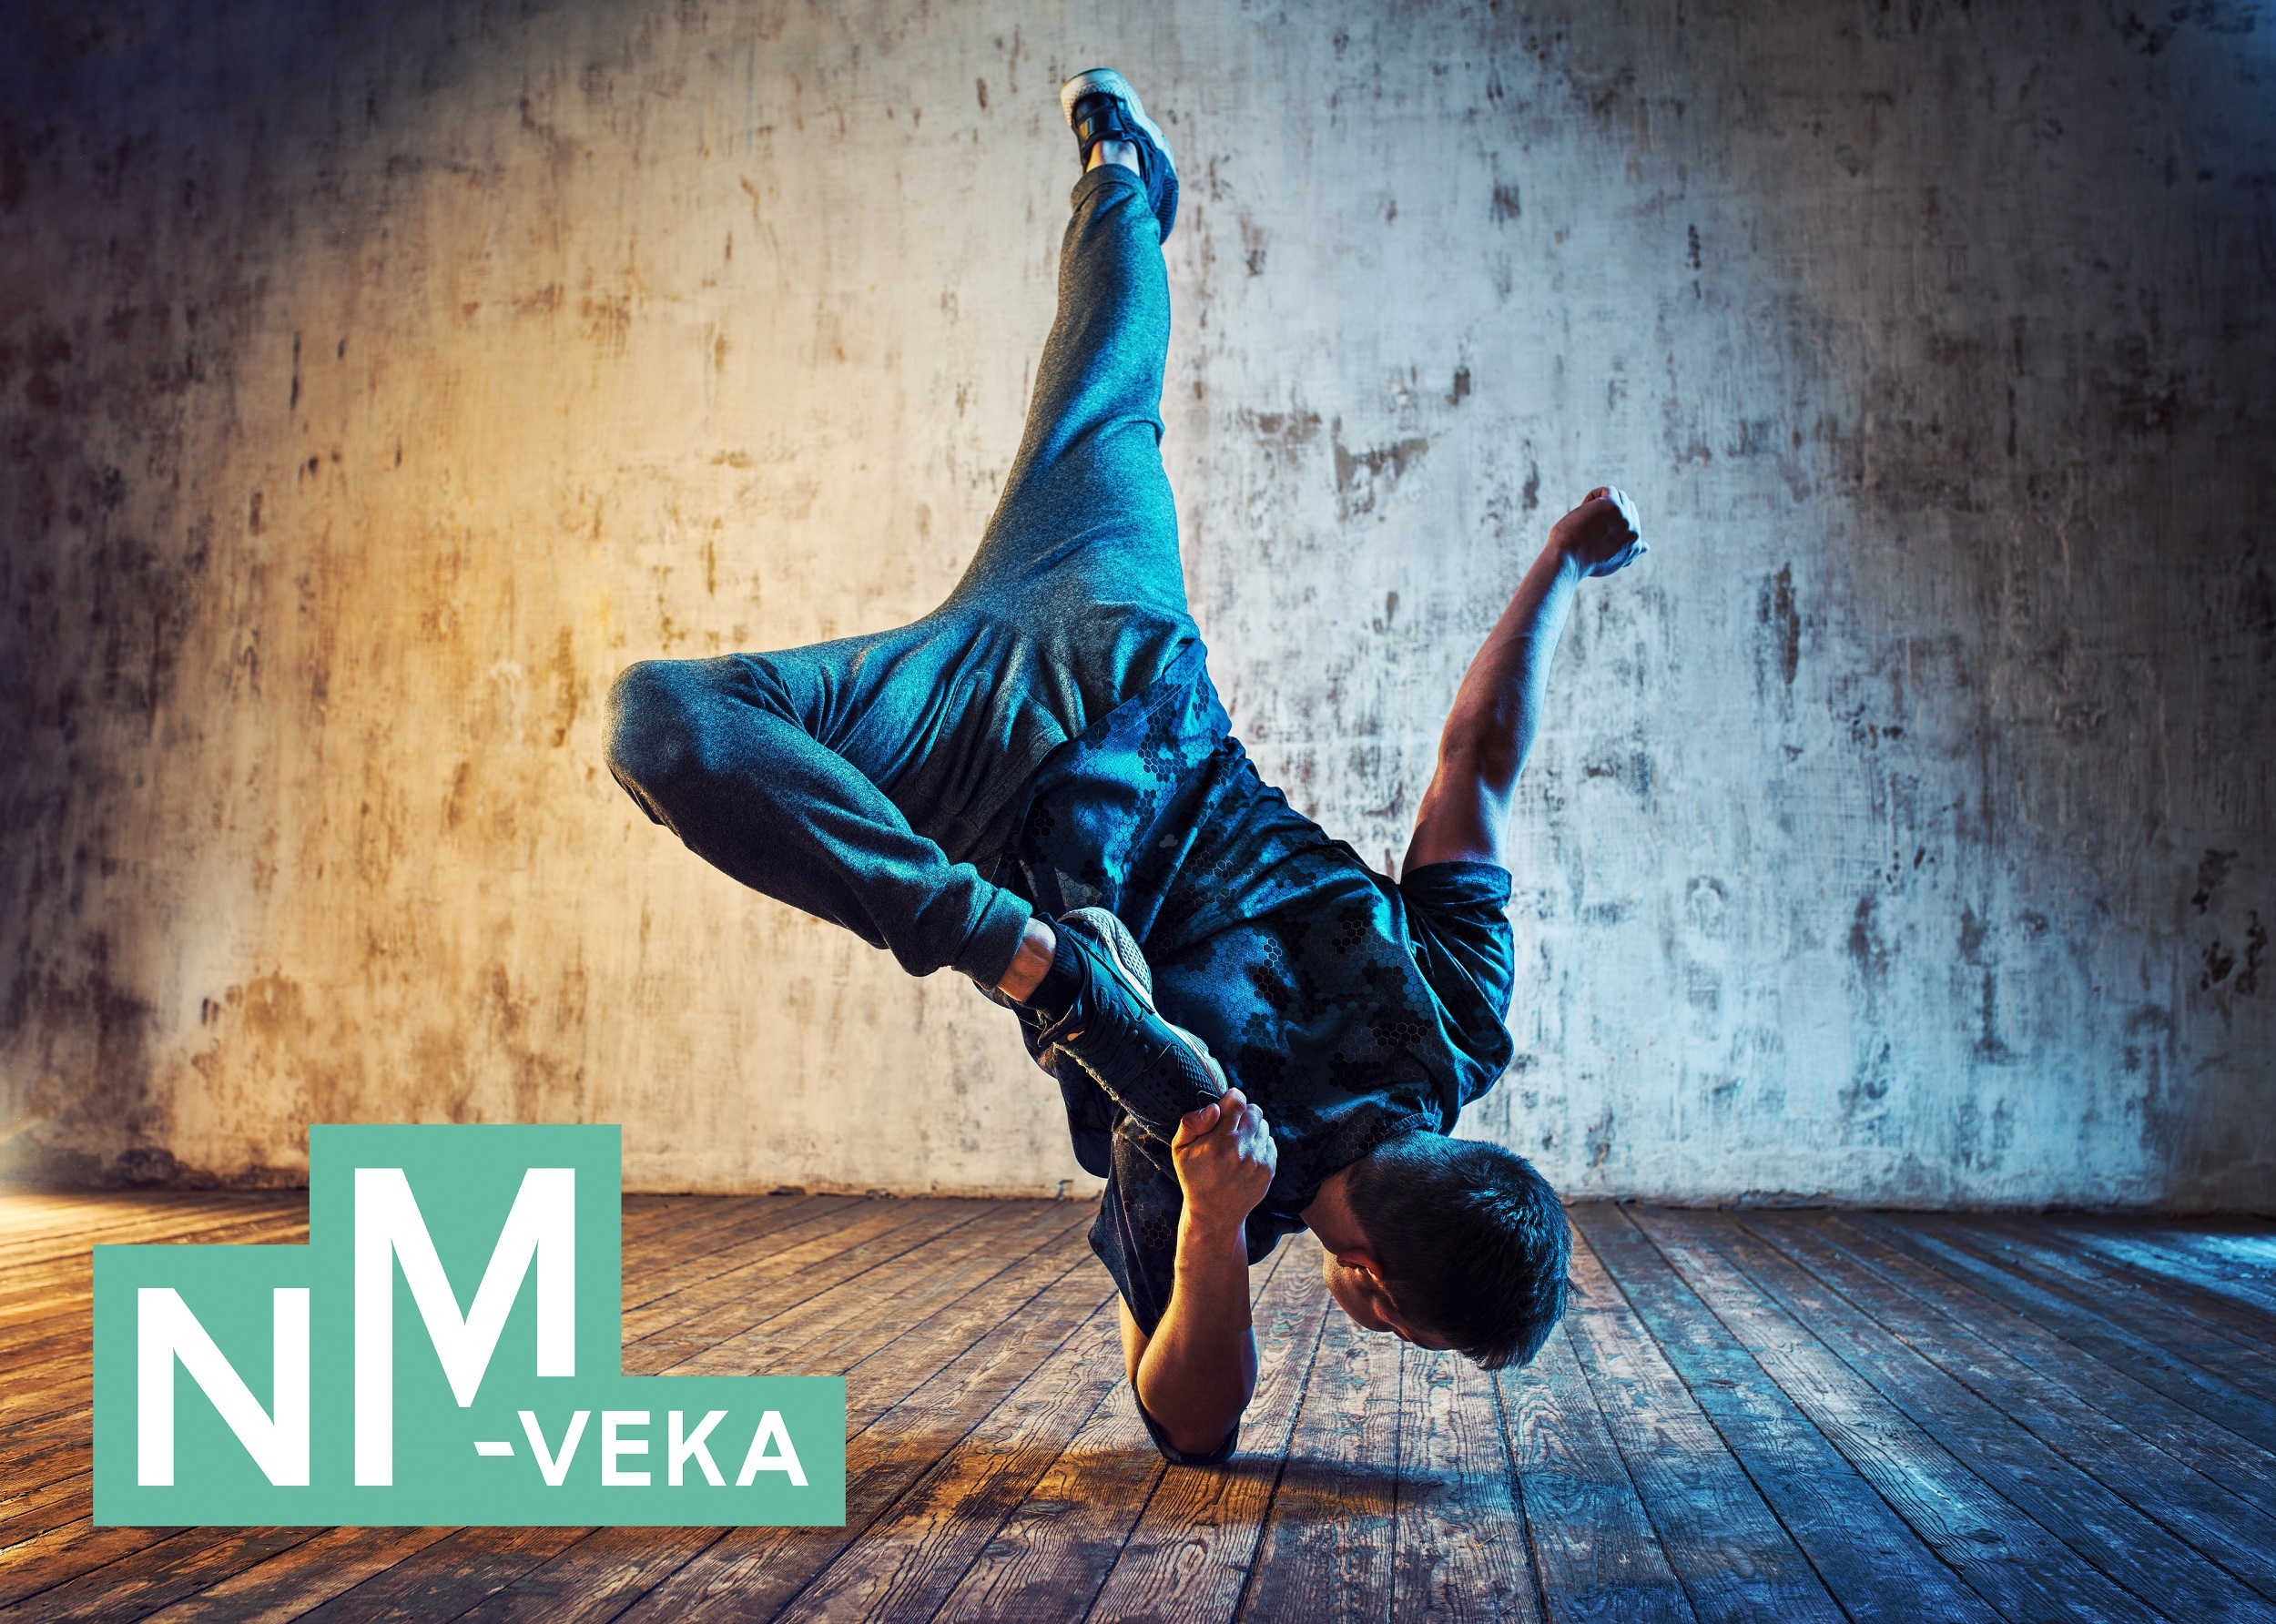 Nm Veka 30093323618 O